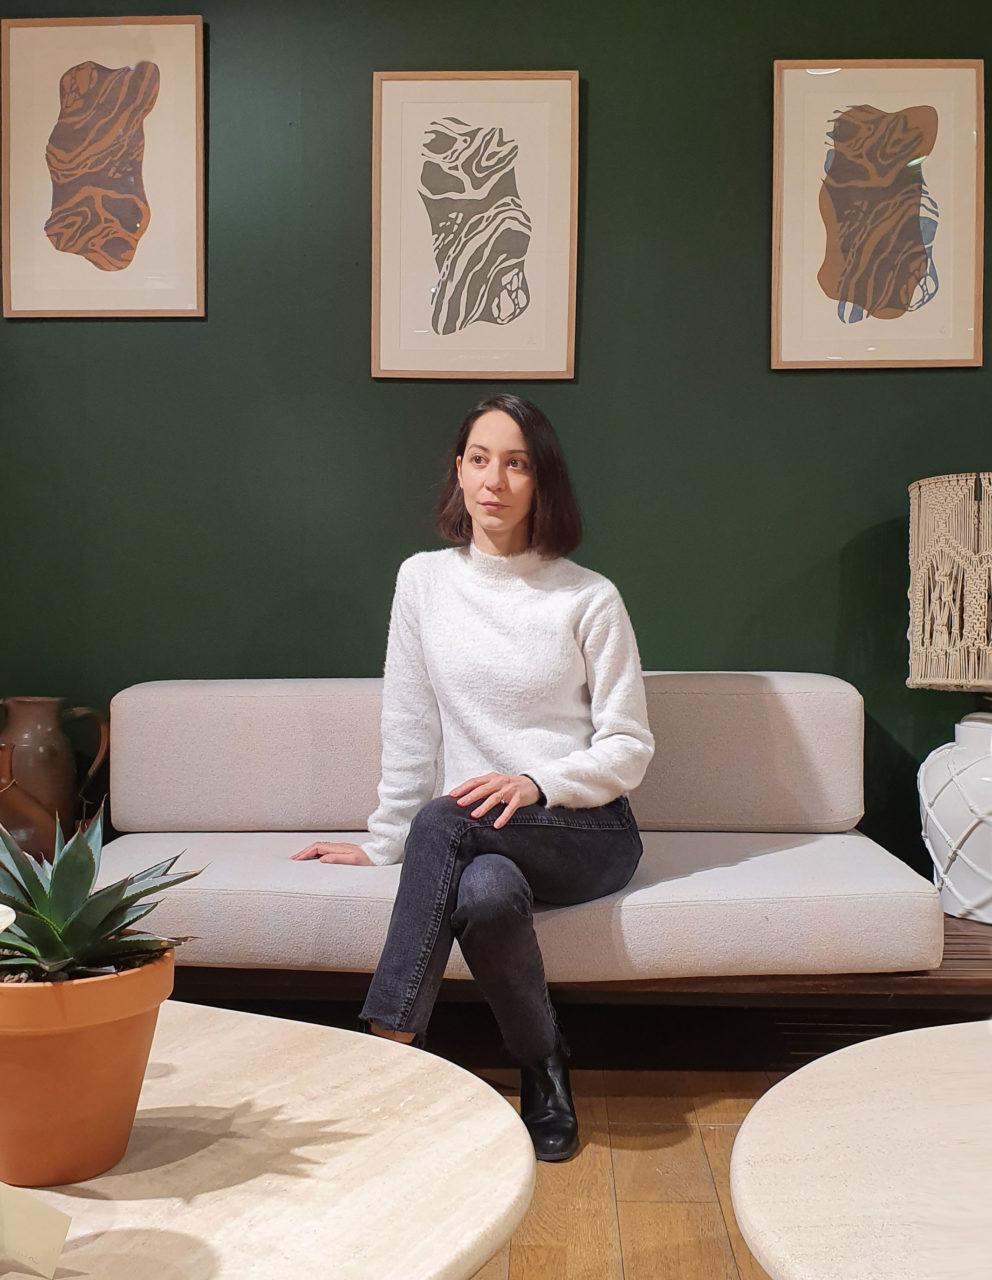 Blog Inside my home - Décoration- Amenagement intérieur - A propos